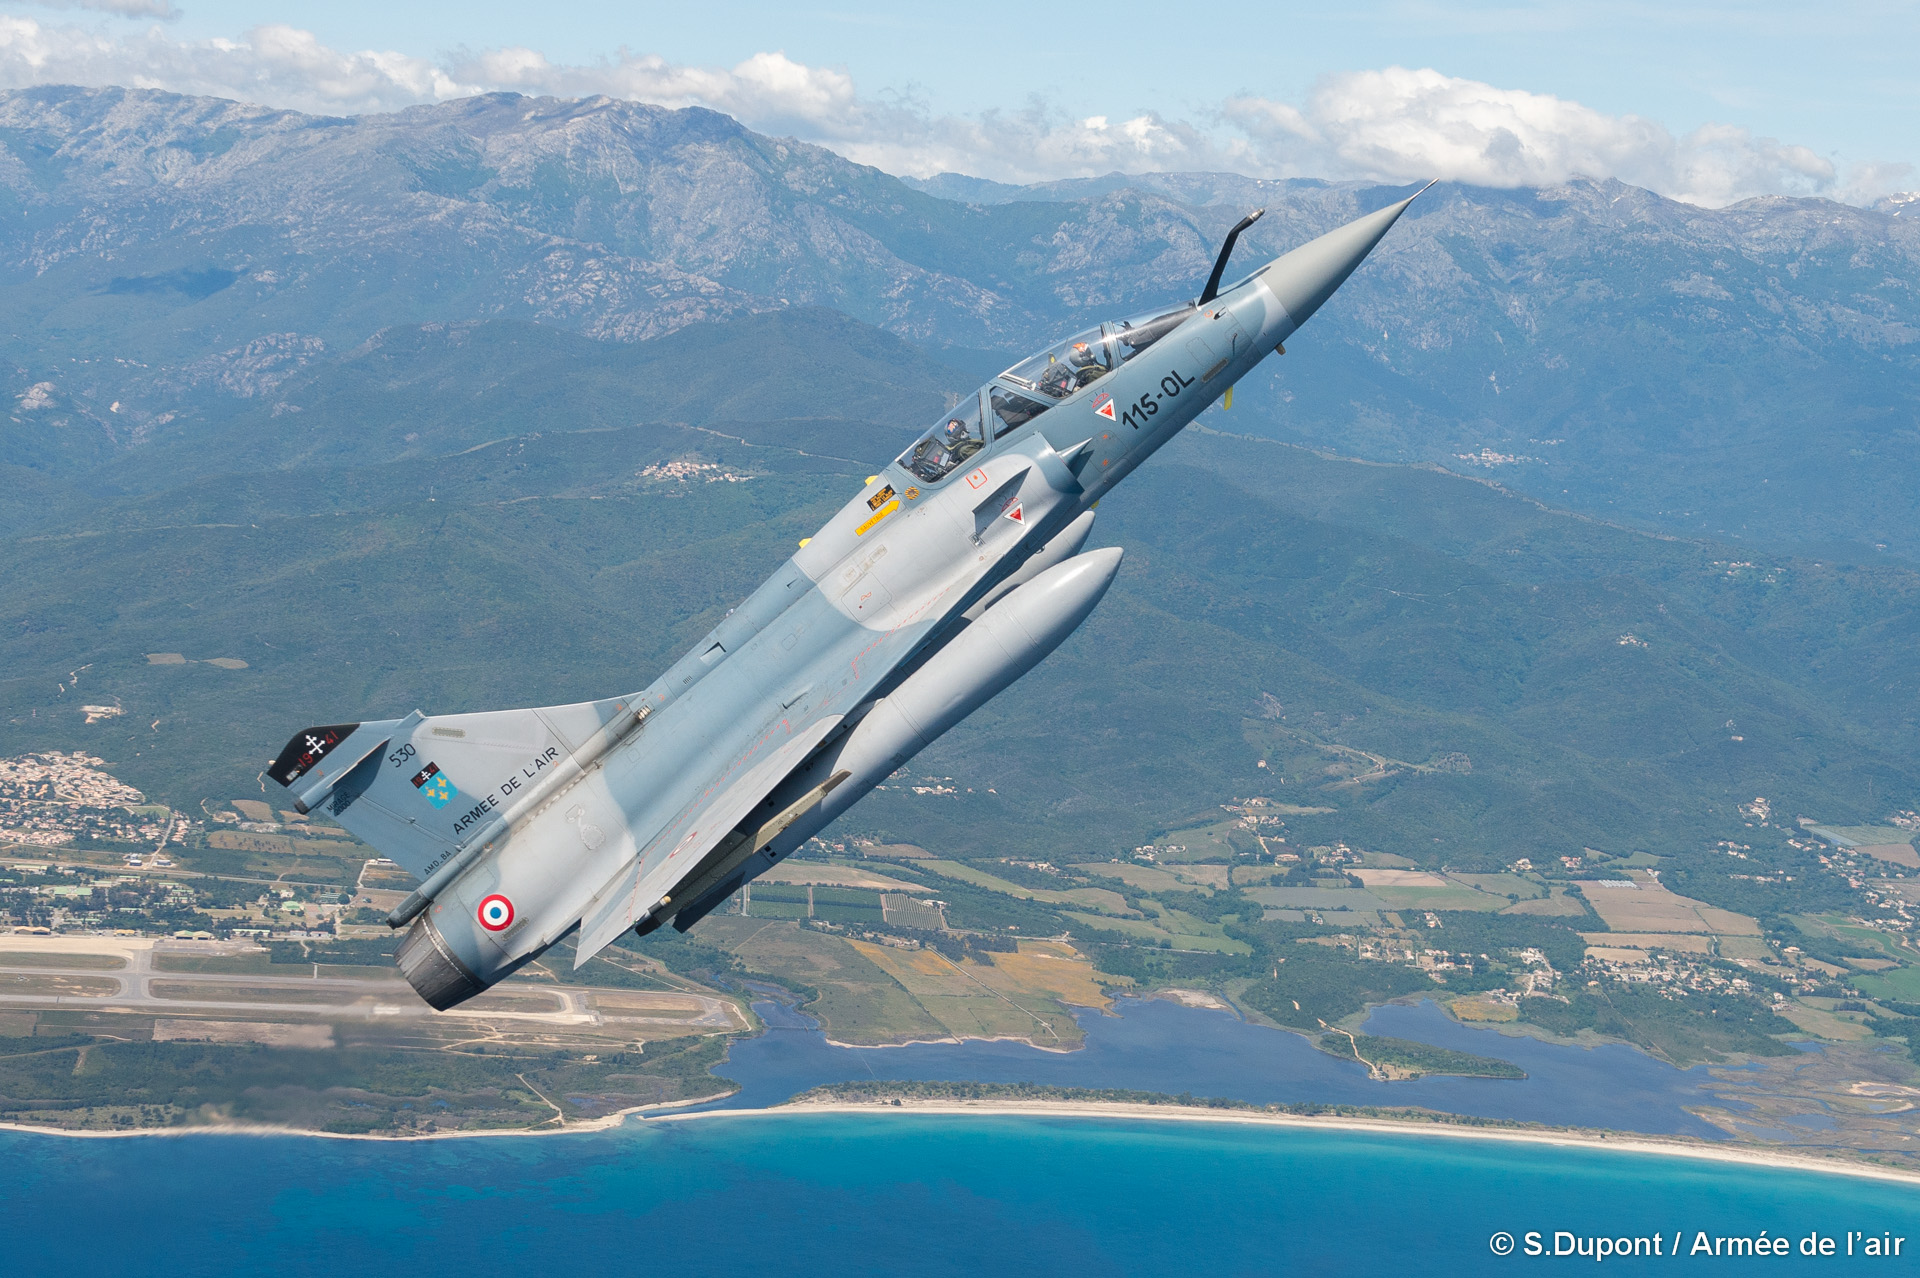 Reprise de l'activité opérationnelle sur la base aérienne 126 de Ventiseri-Solenzara